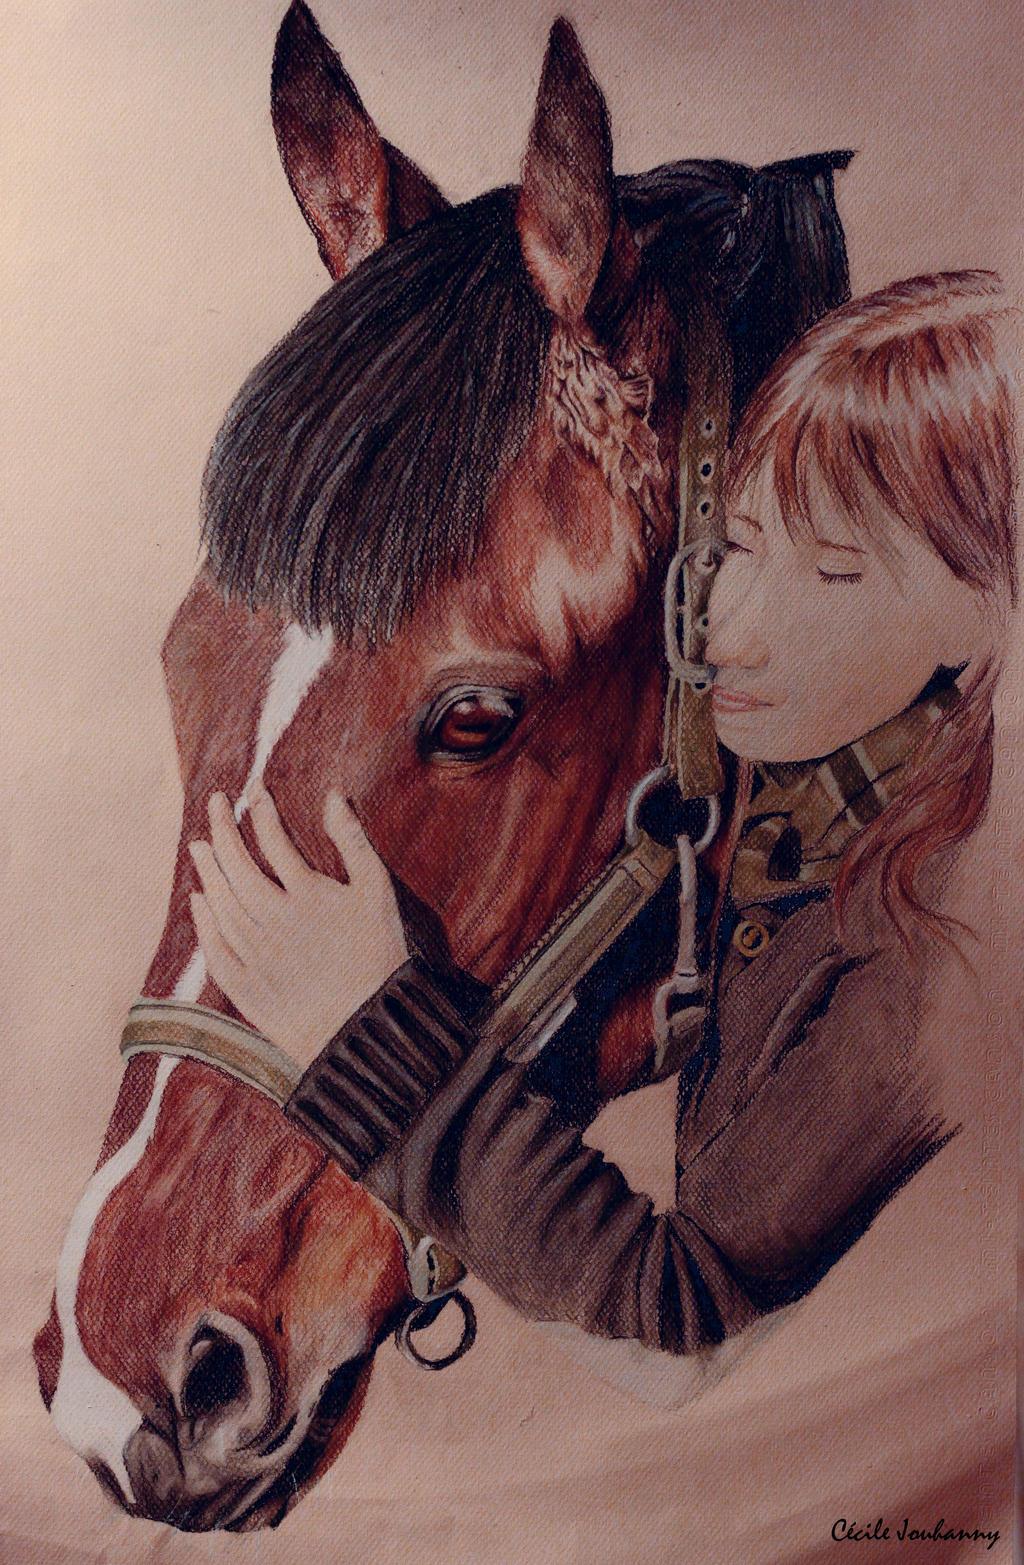 Cecilou-chan - Un crayon à la main Close_friends_by_cecilou_chan-d69z8lp